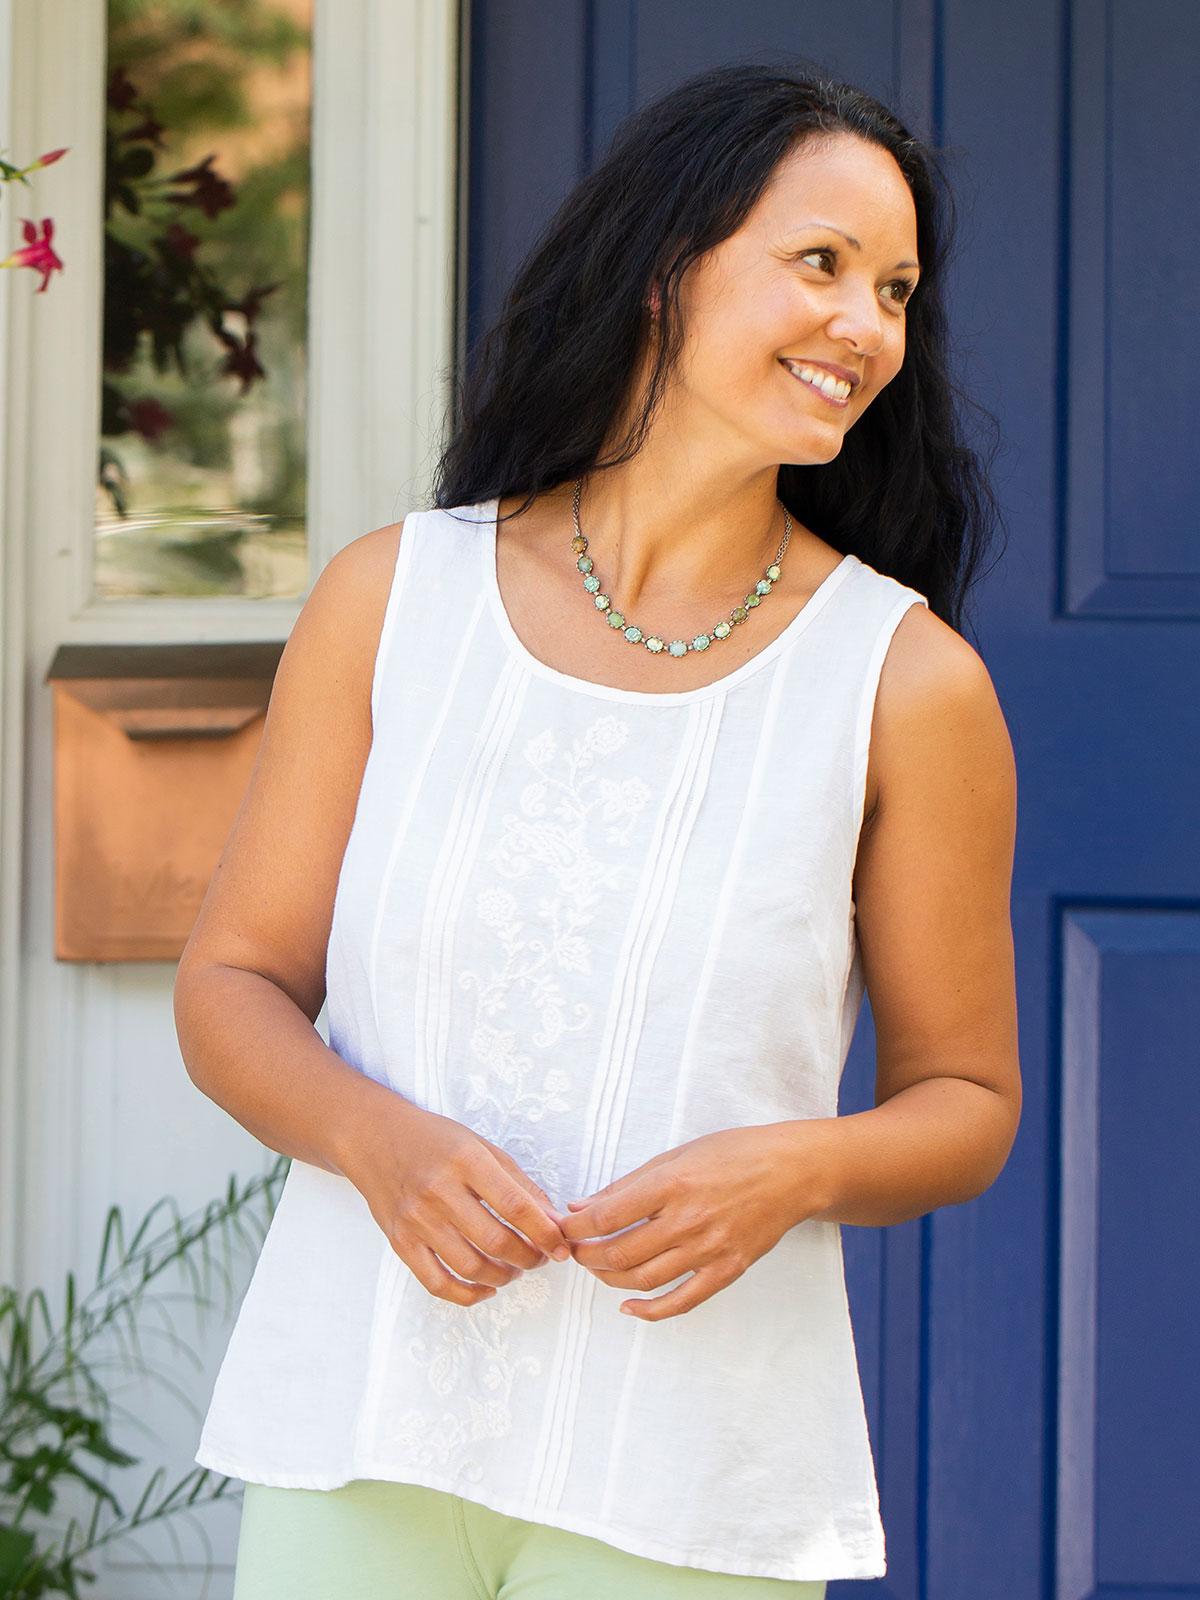 Leticia Linen Camisole